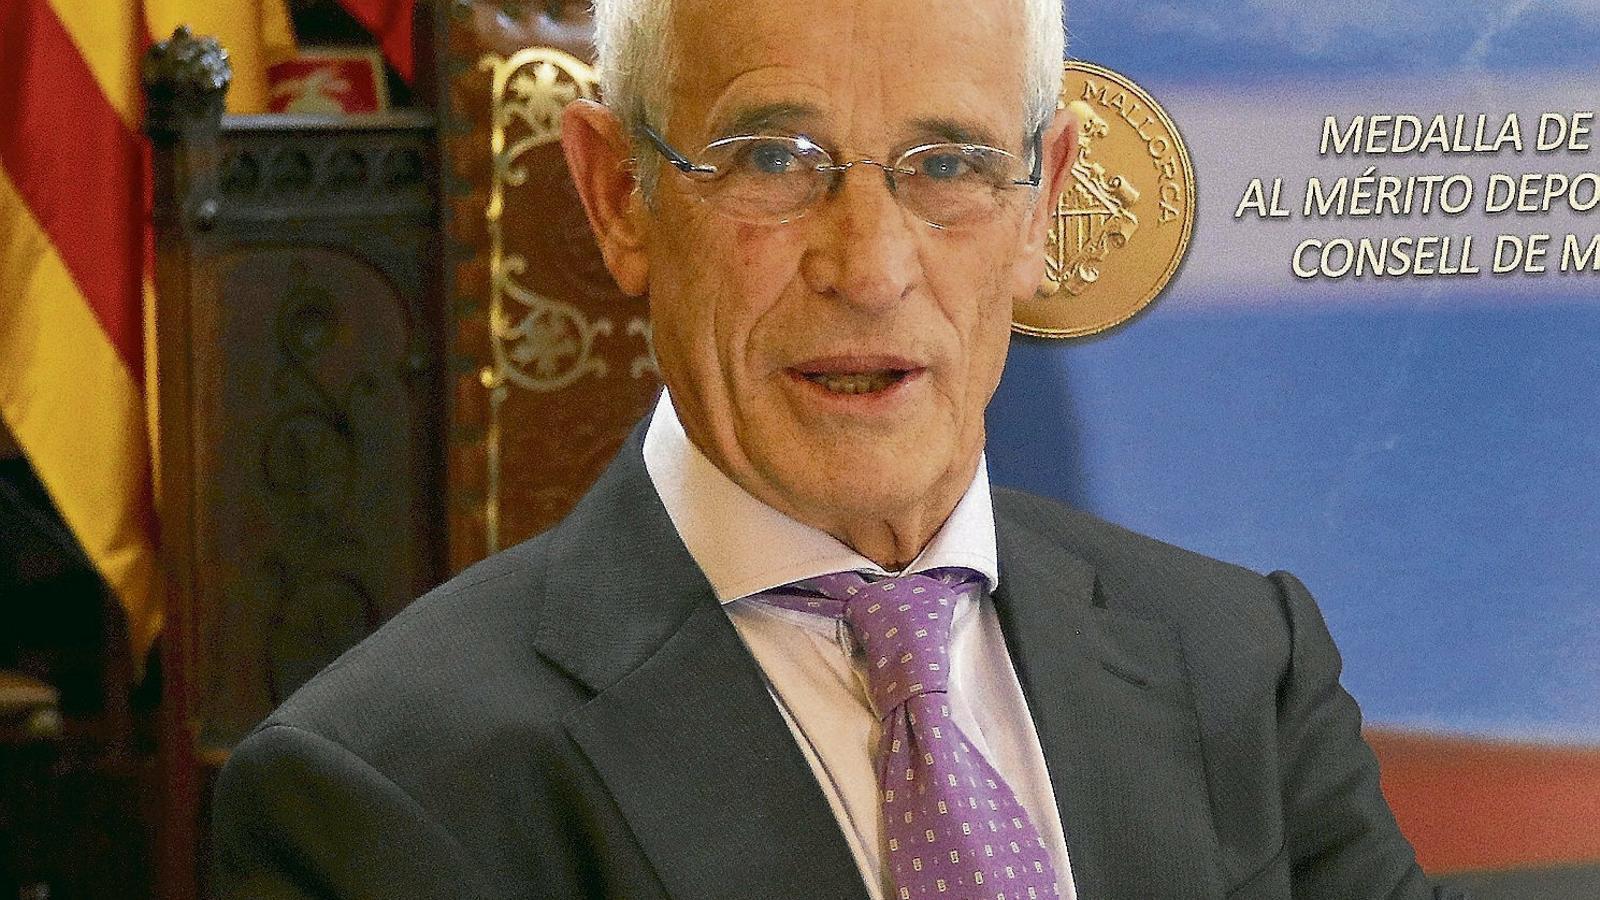 Emilio de la Cámara: continuar guanyant medalles a 75 anys